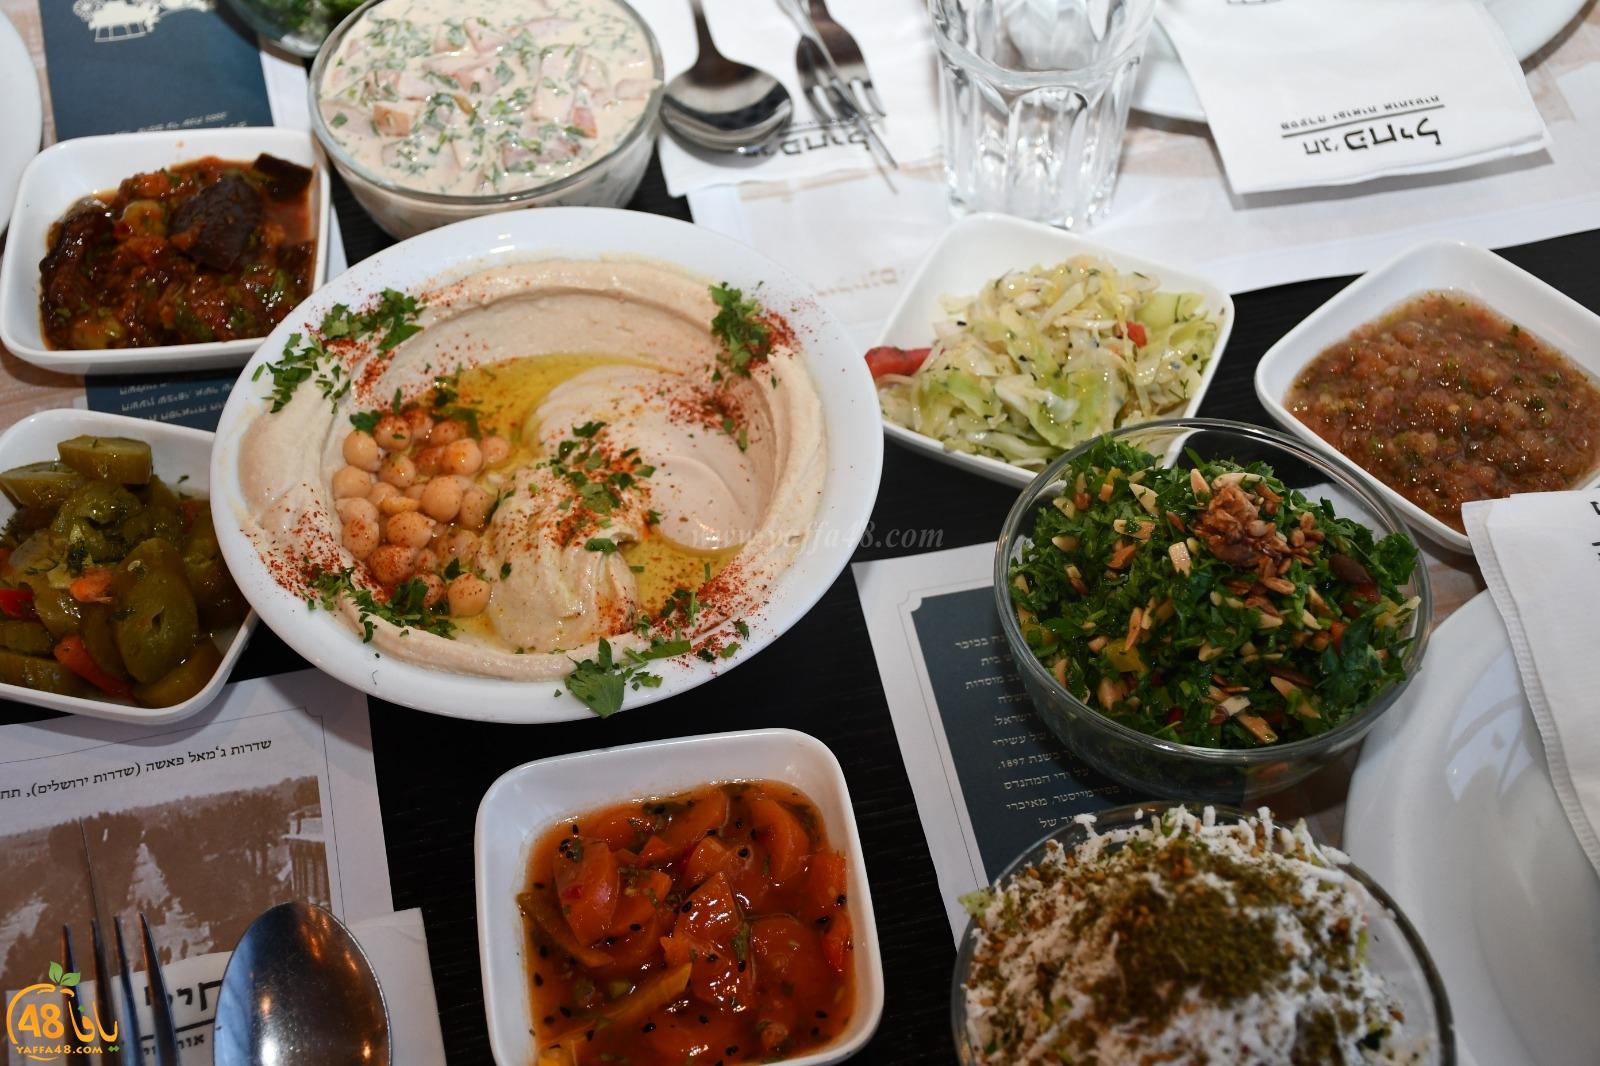 الخميس: إعادة افتتاح مطعم حاج كحيل بدوار الساعة بإدارته وحلته الجديدة